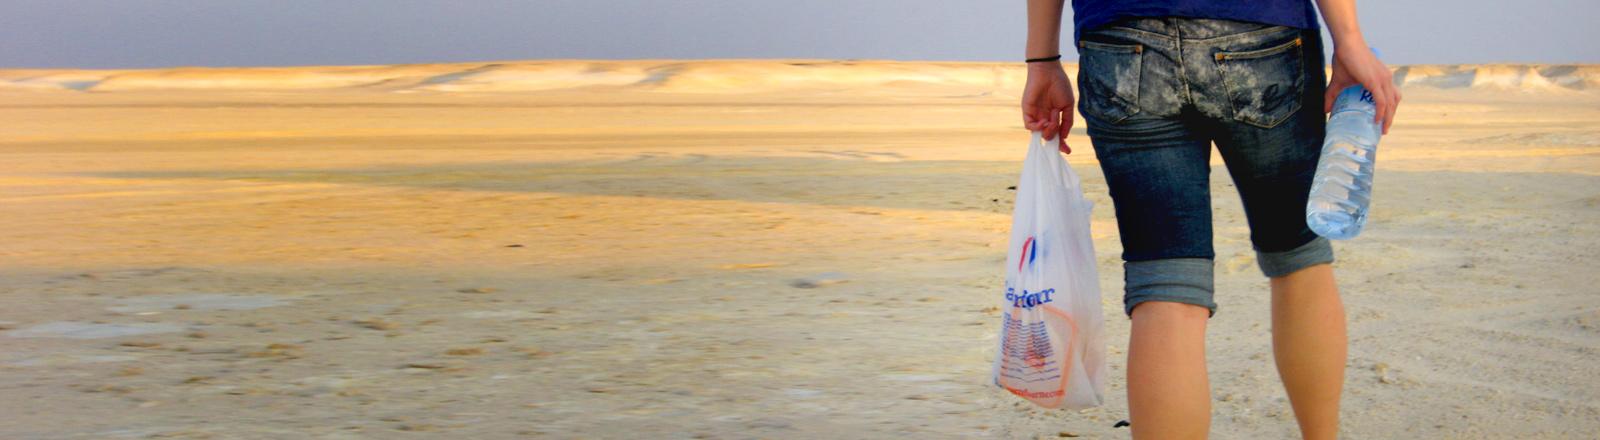 Eine Frau geht mit Lebensmitteln und Wasser in die Wüste.